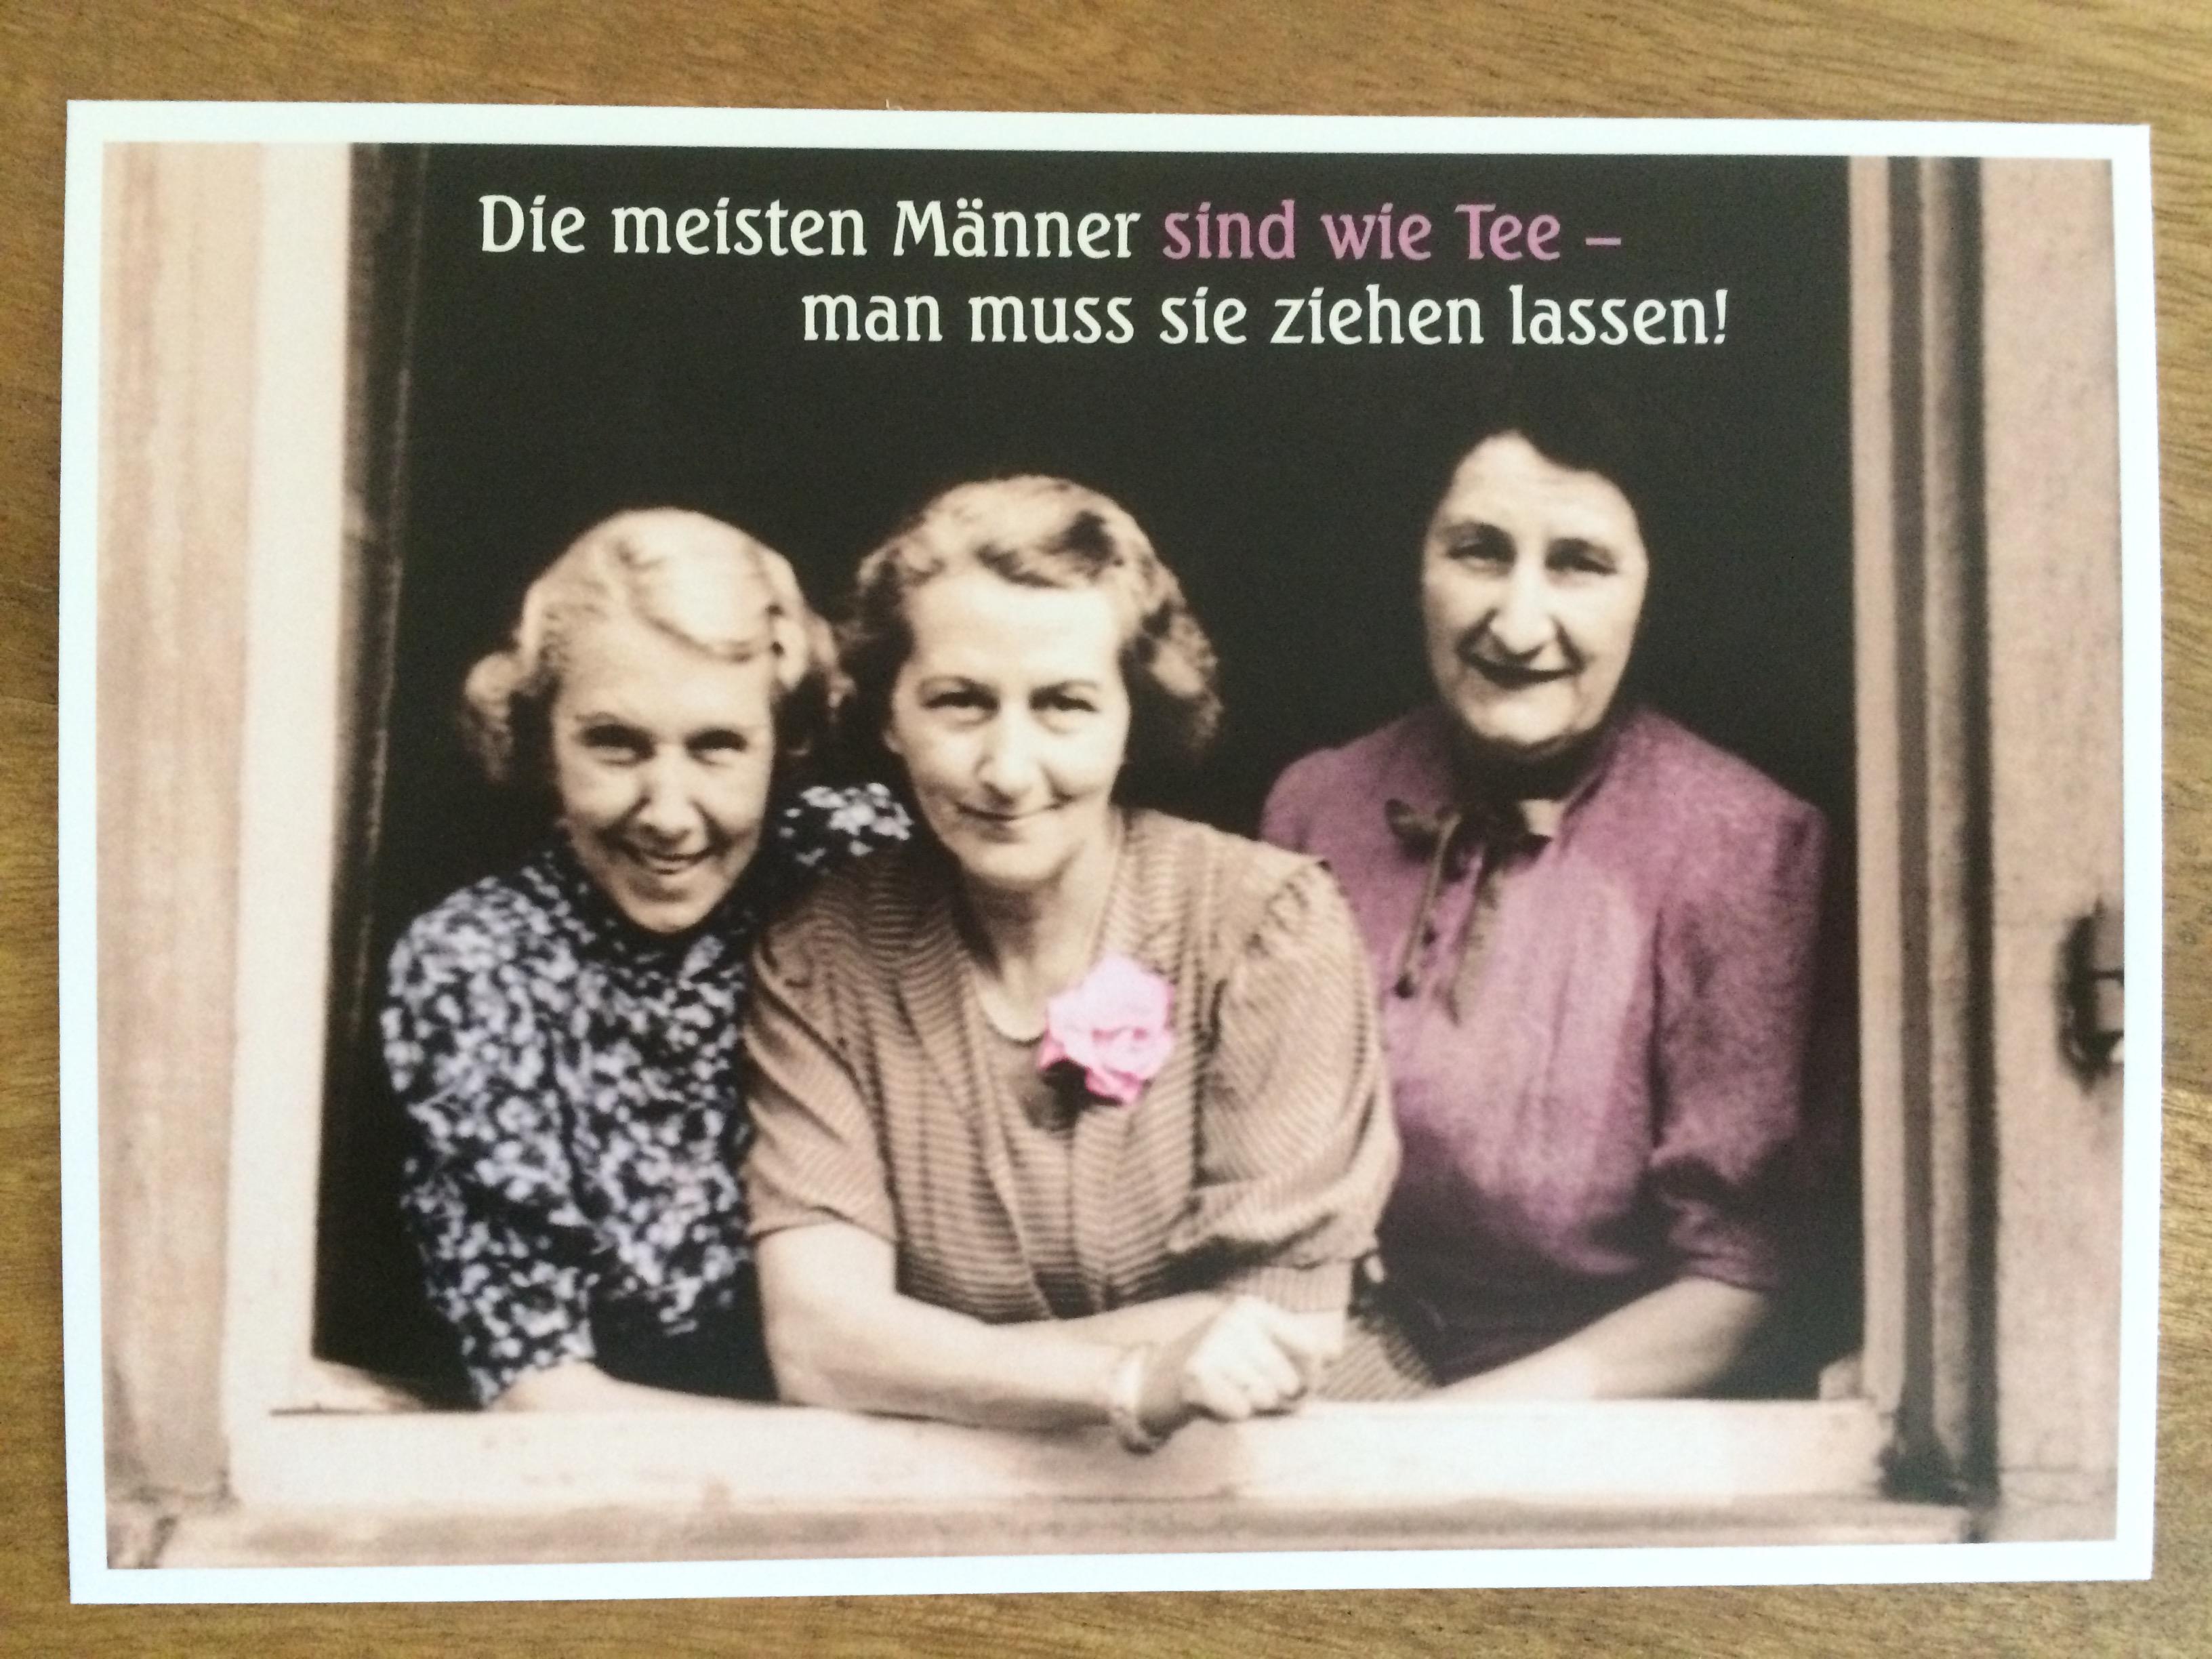 Postkarte Karte Die meisten Männer sind wie Tee man muss sie ziehen lassen Paloma